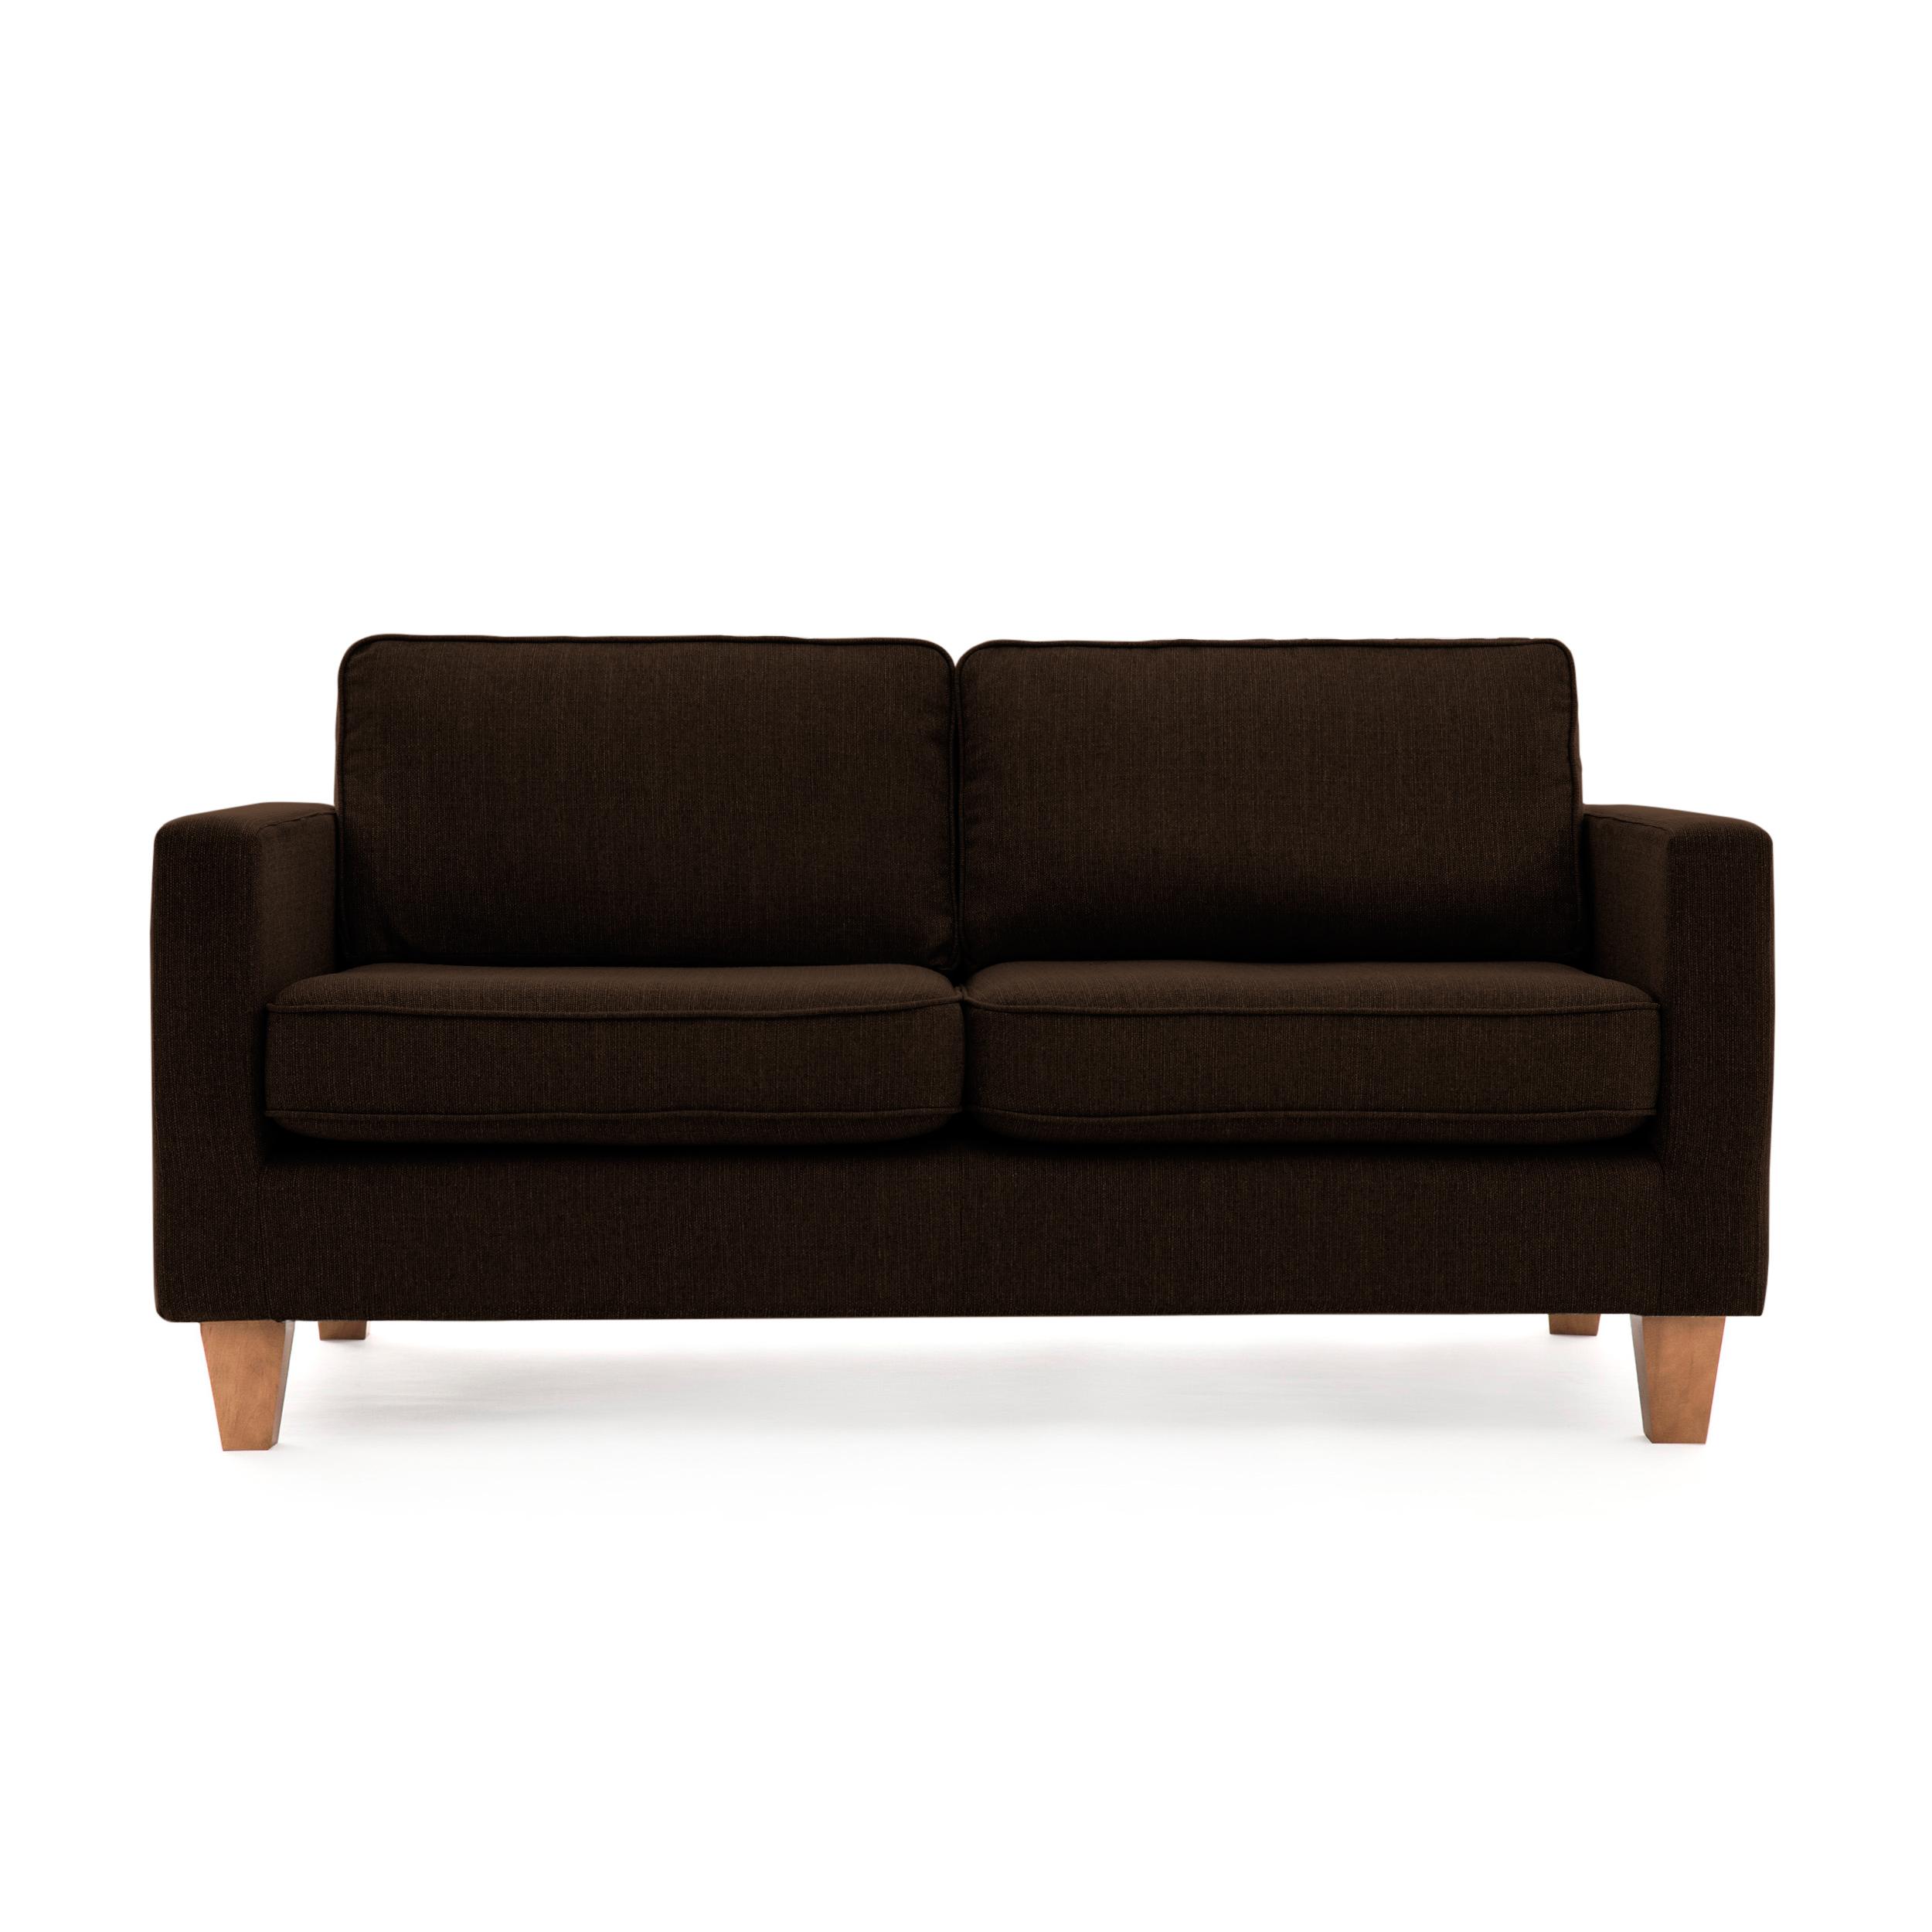 Canapea Fixa 3 locuri Sorio Dark Brown